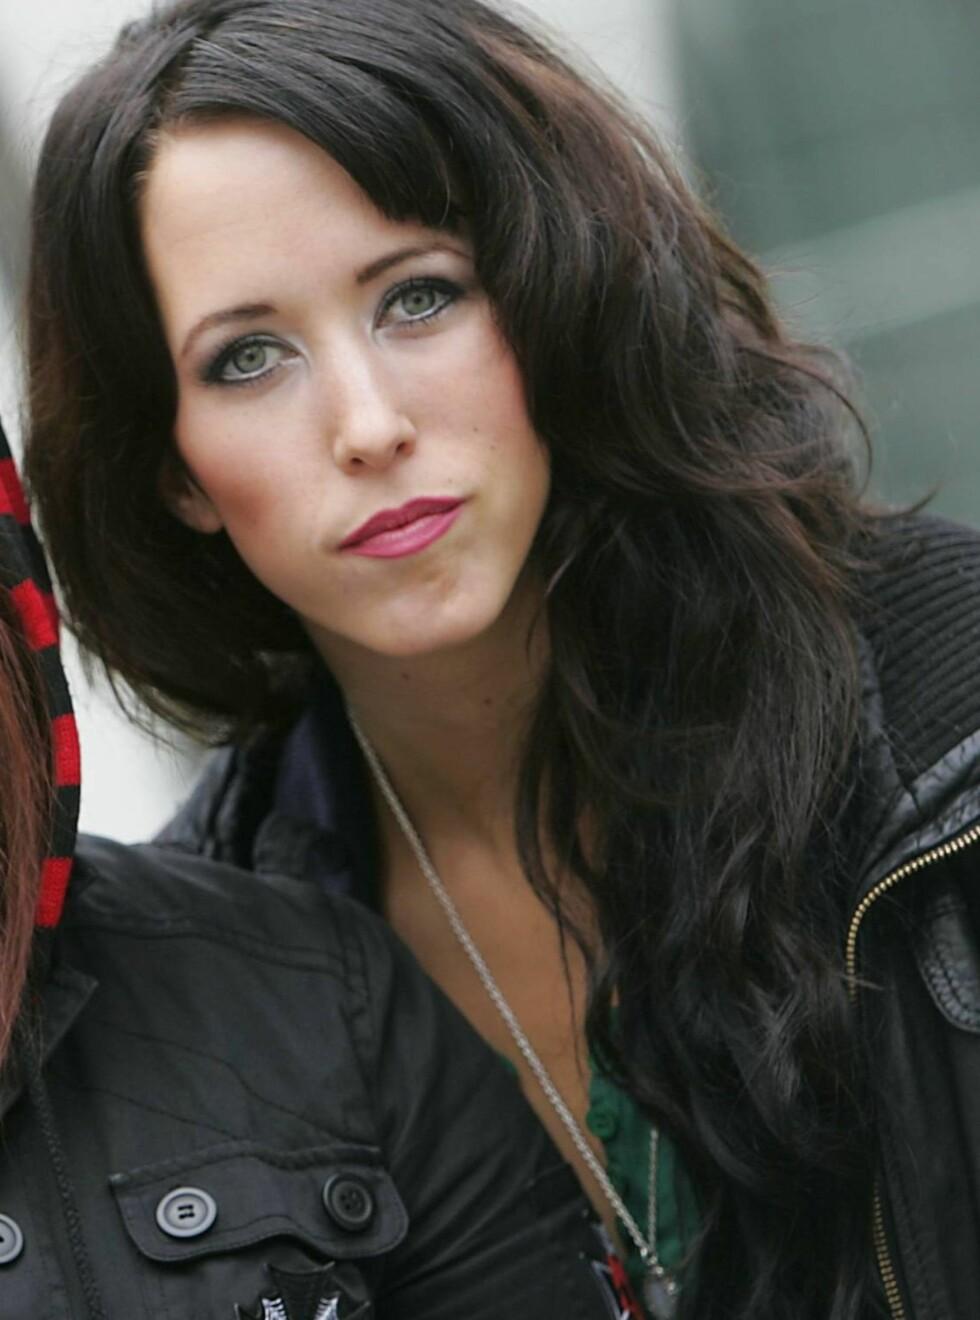 SØT MUSIKK: Tinki fra Lilyjets møtte David etter en konsert i sommer. Foto: Scanpix